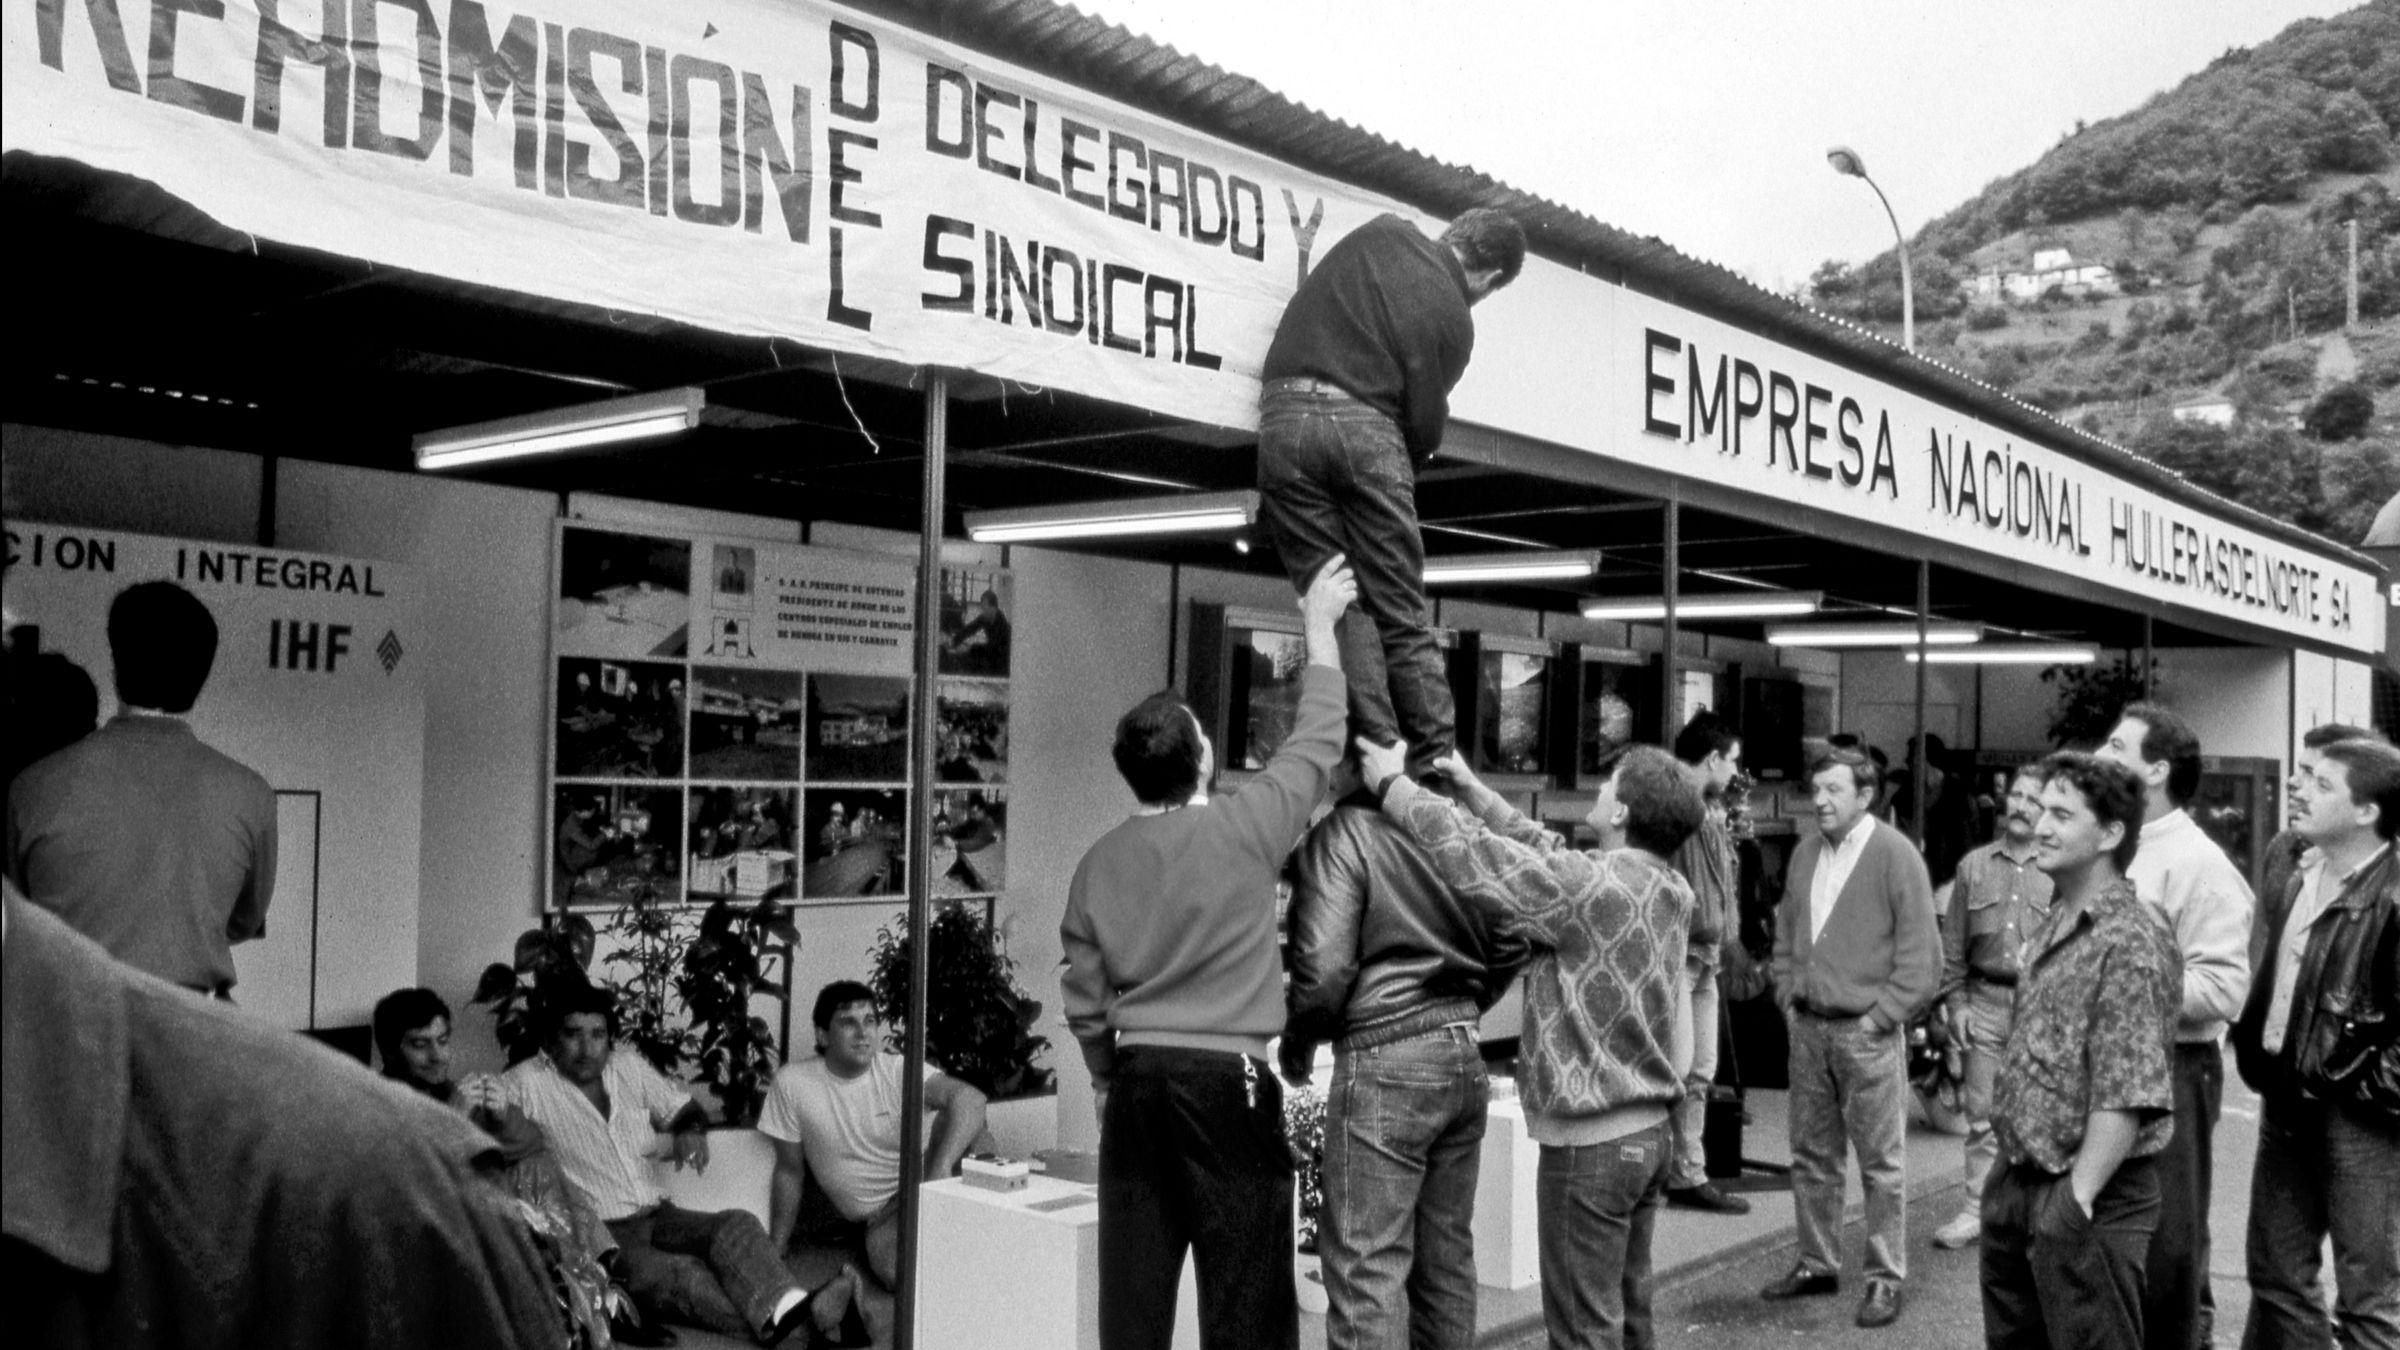 Protesta minera durante la inaguracion de la feria industrial de Mieres, por el despido de un delegado sindical. Mieres. Asturias 1990